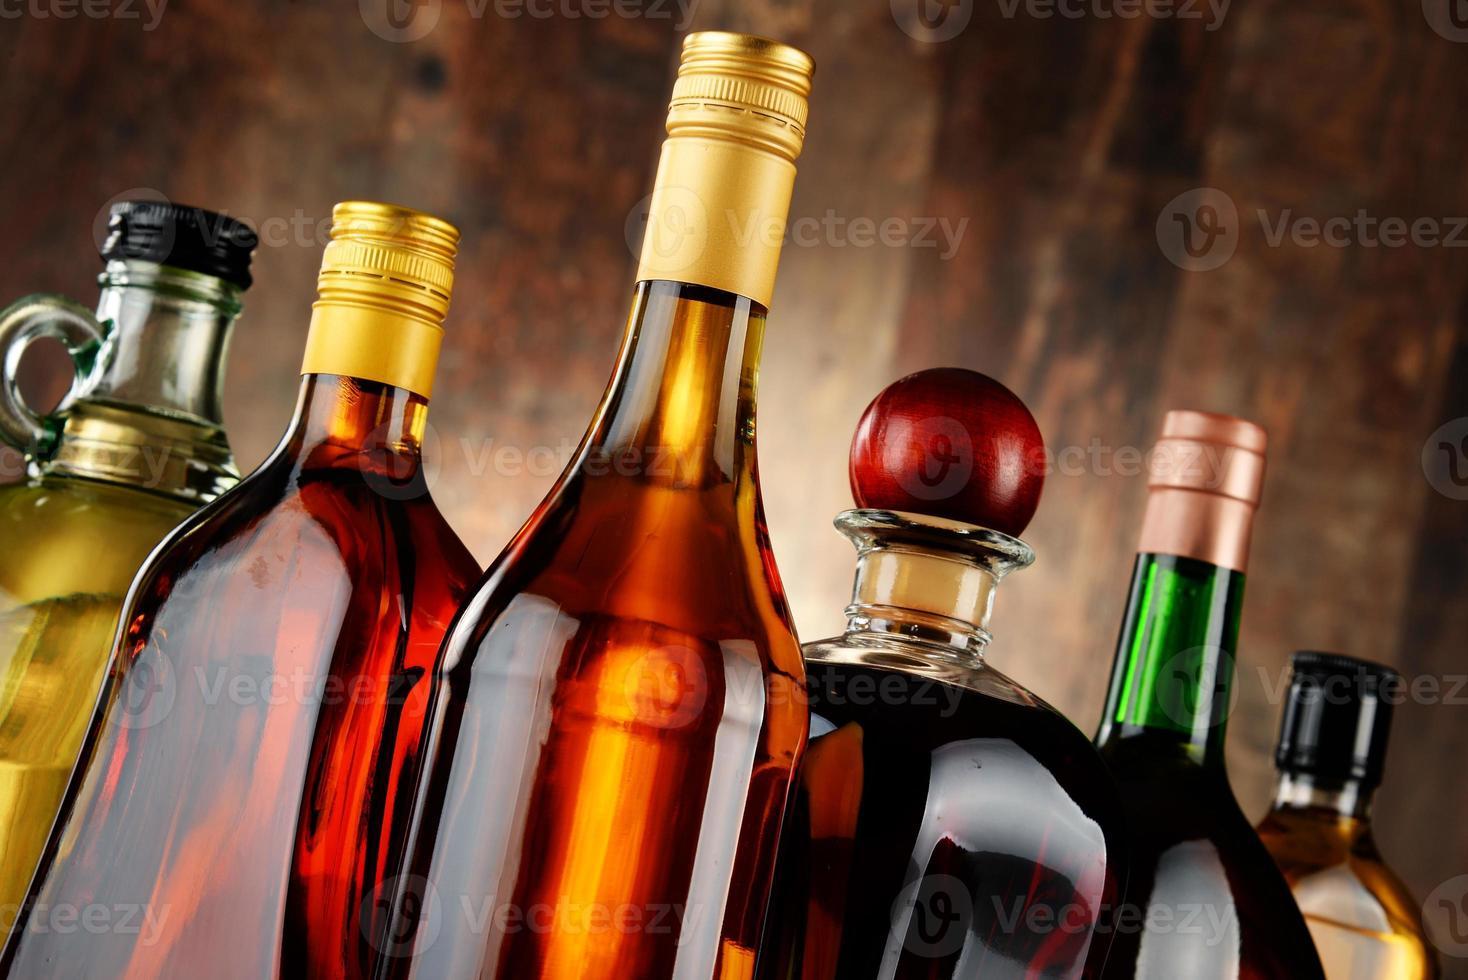 garrafas de bebidas alcoólicas variadas foto